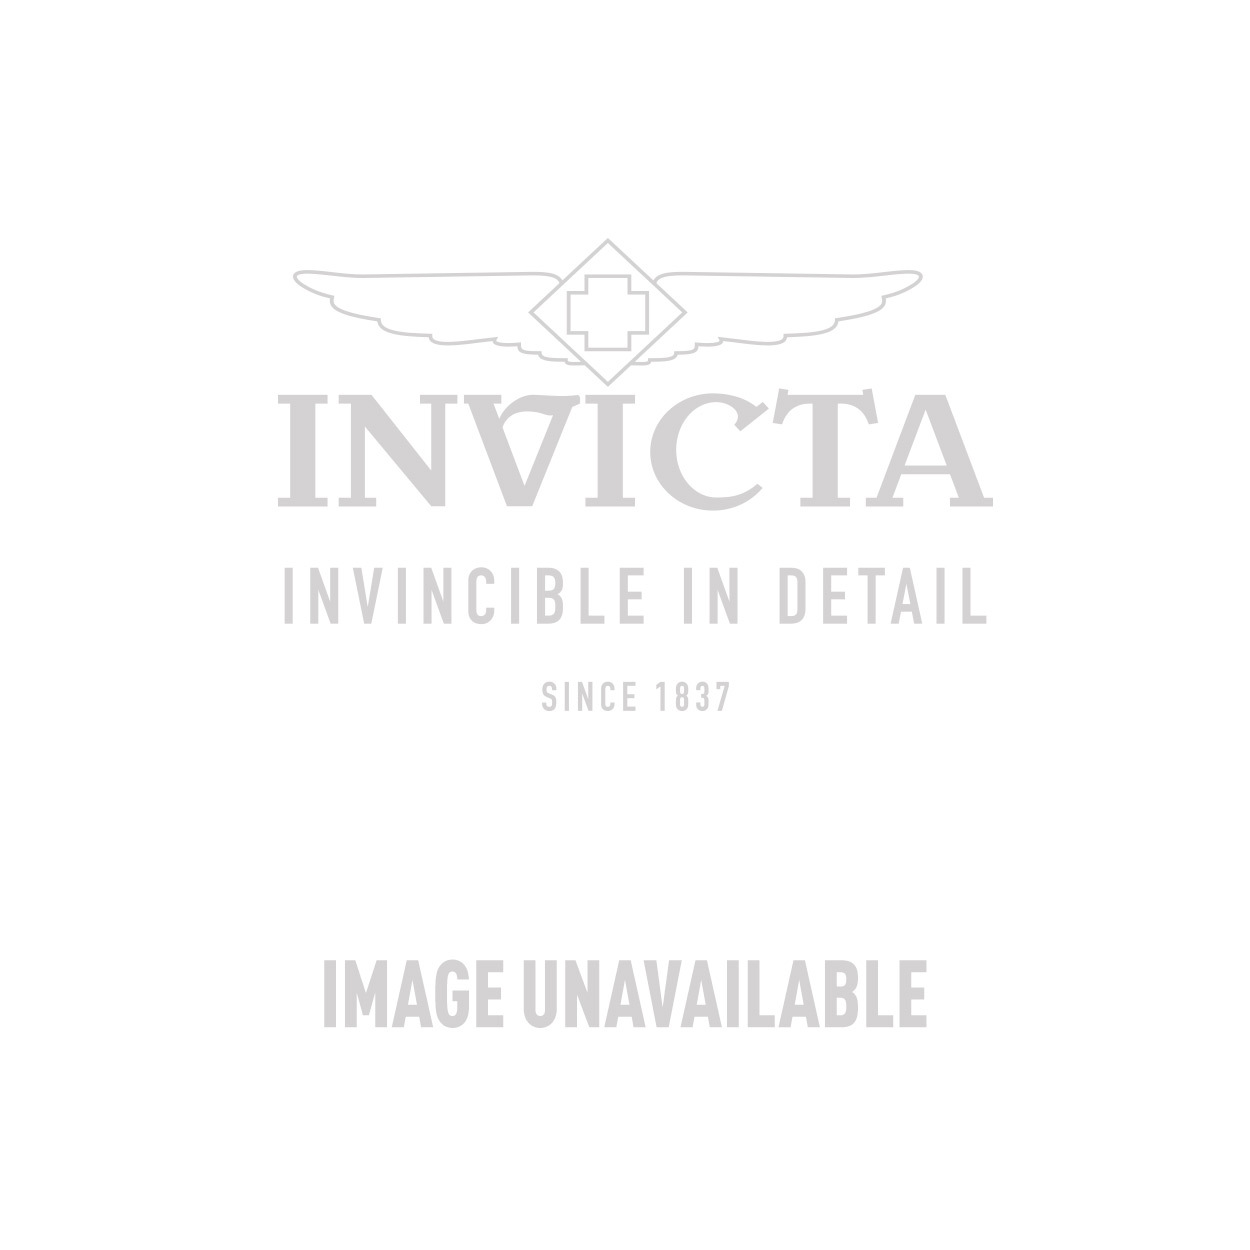 Invicta Model 29395